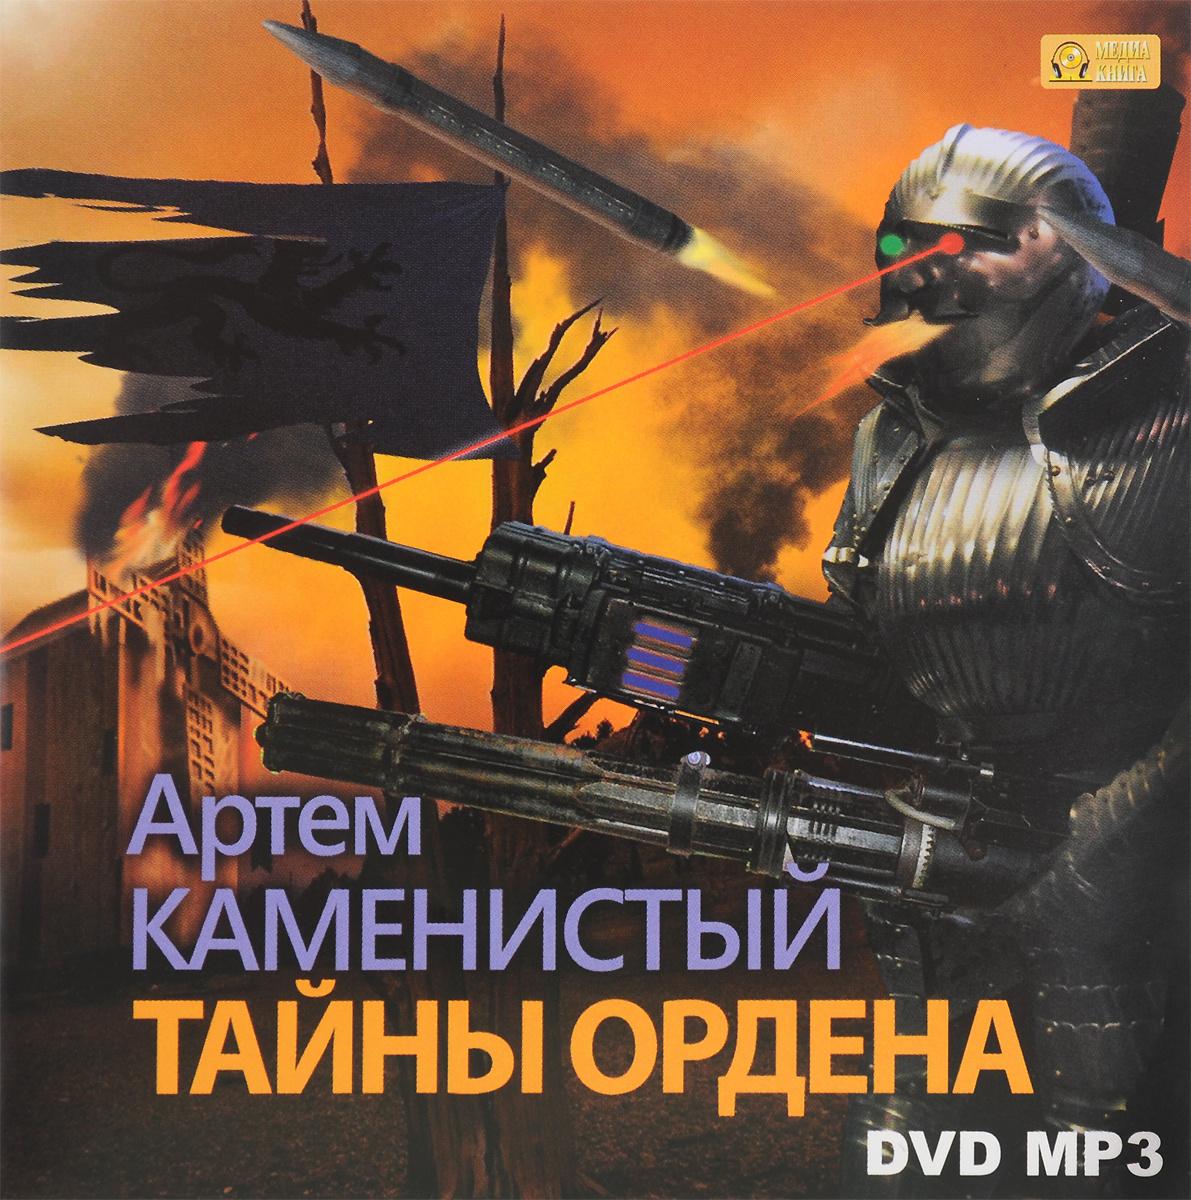 Тайны ордена(аудиокнига MP3 на DVD)   Каменистый Артем #1